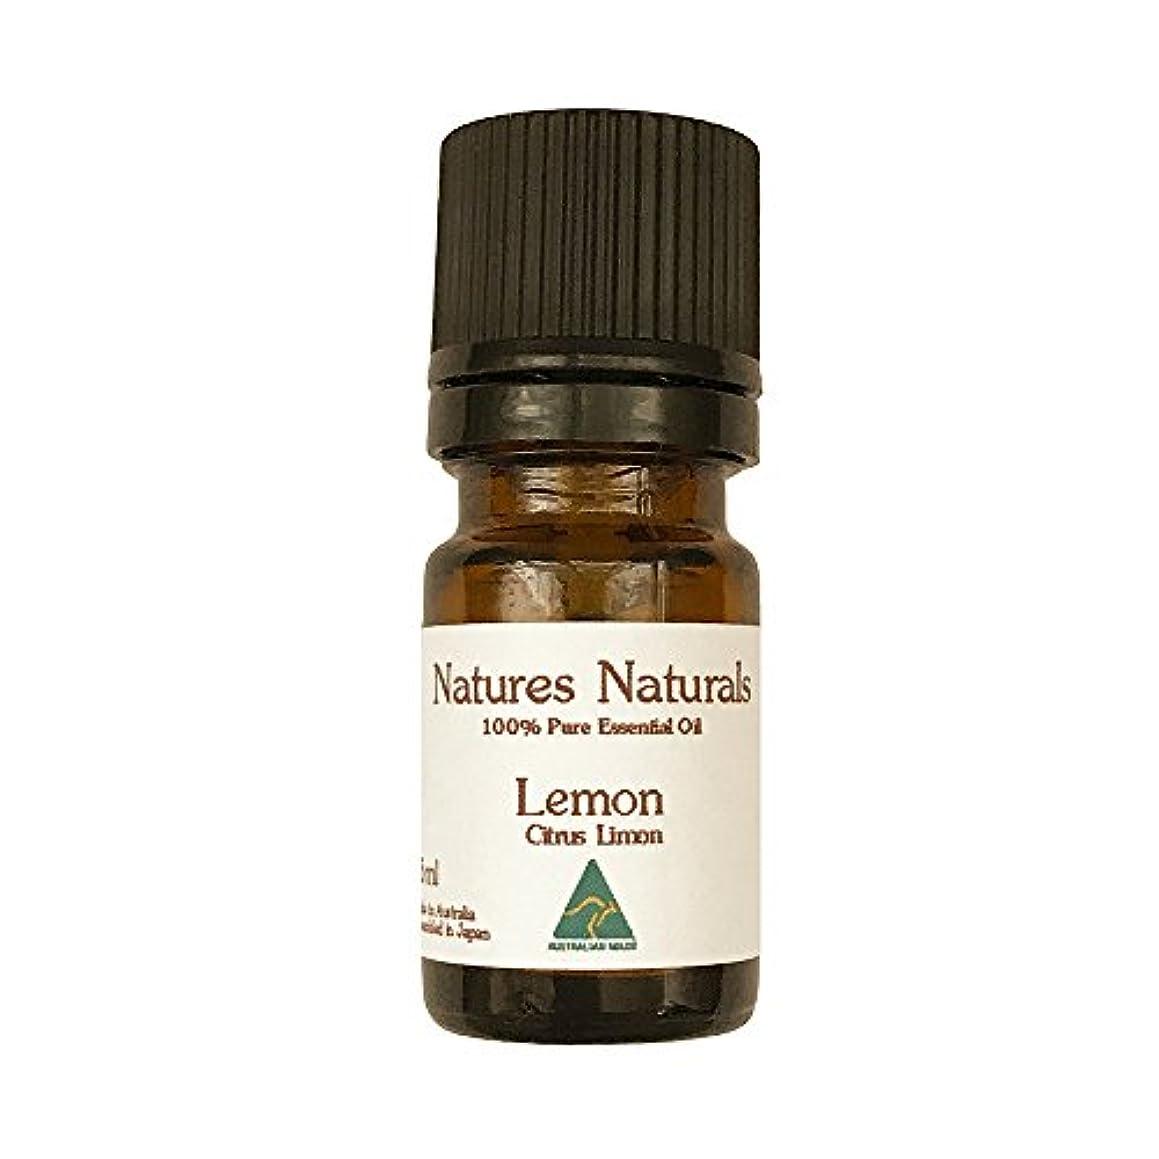 廃棄する締める北方レモン エッセンシャルオイル 100% 精油 5ml